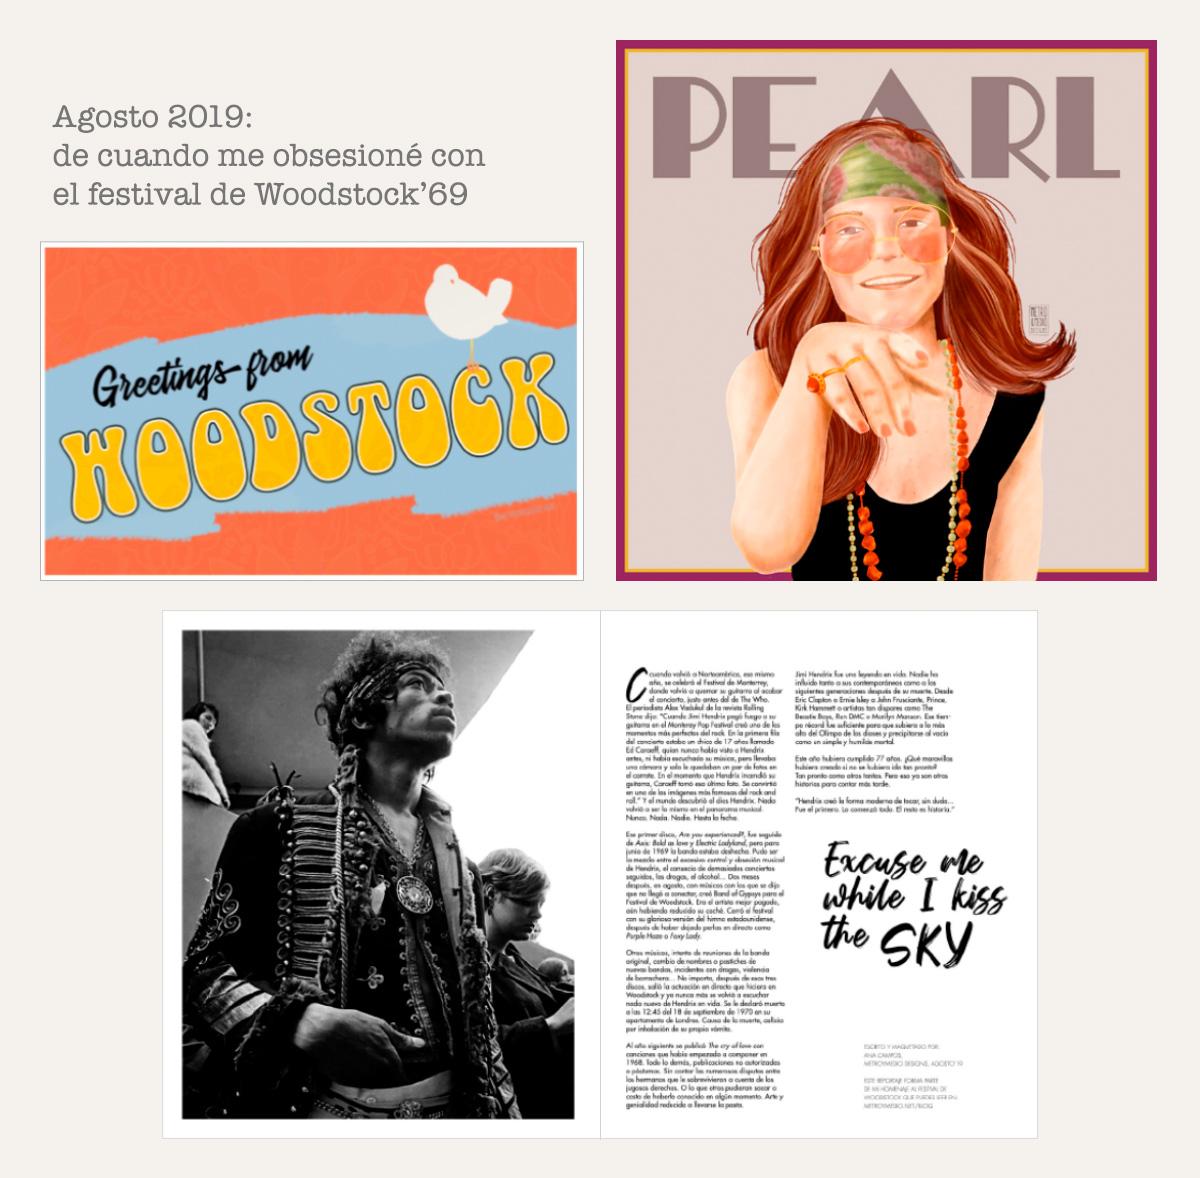 Postal Woodstock, retrato Janis Joplin, reportaje Jimi Hendrix de Metro&medio Designs.